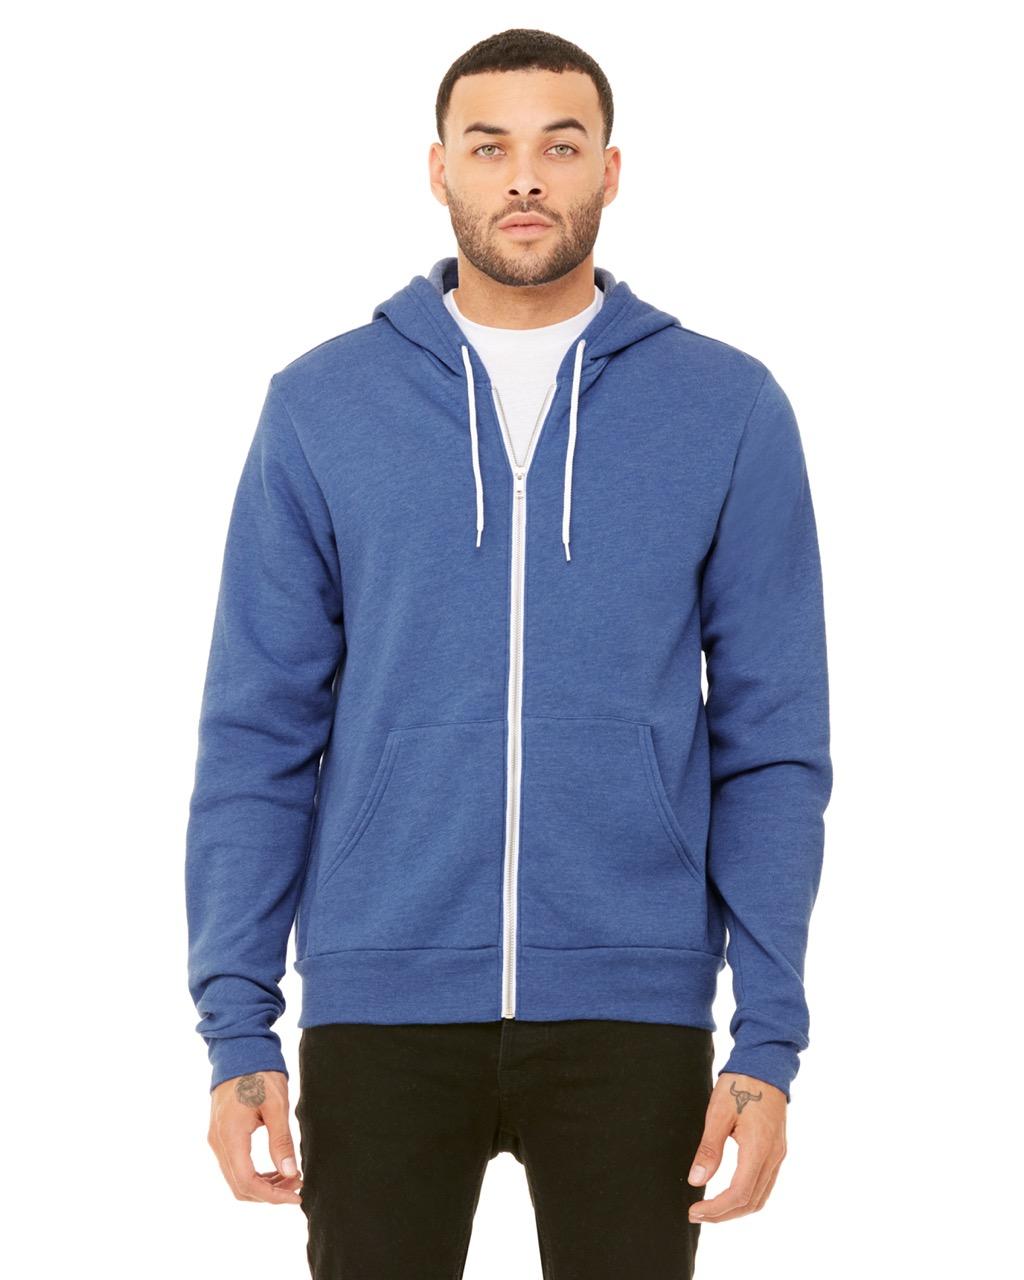 Adult zip-up hoodie